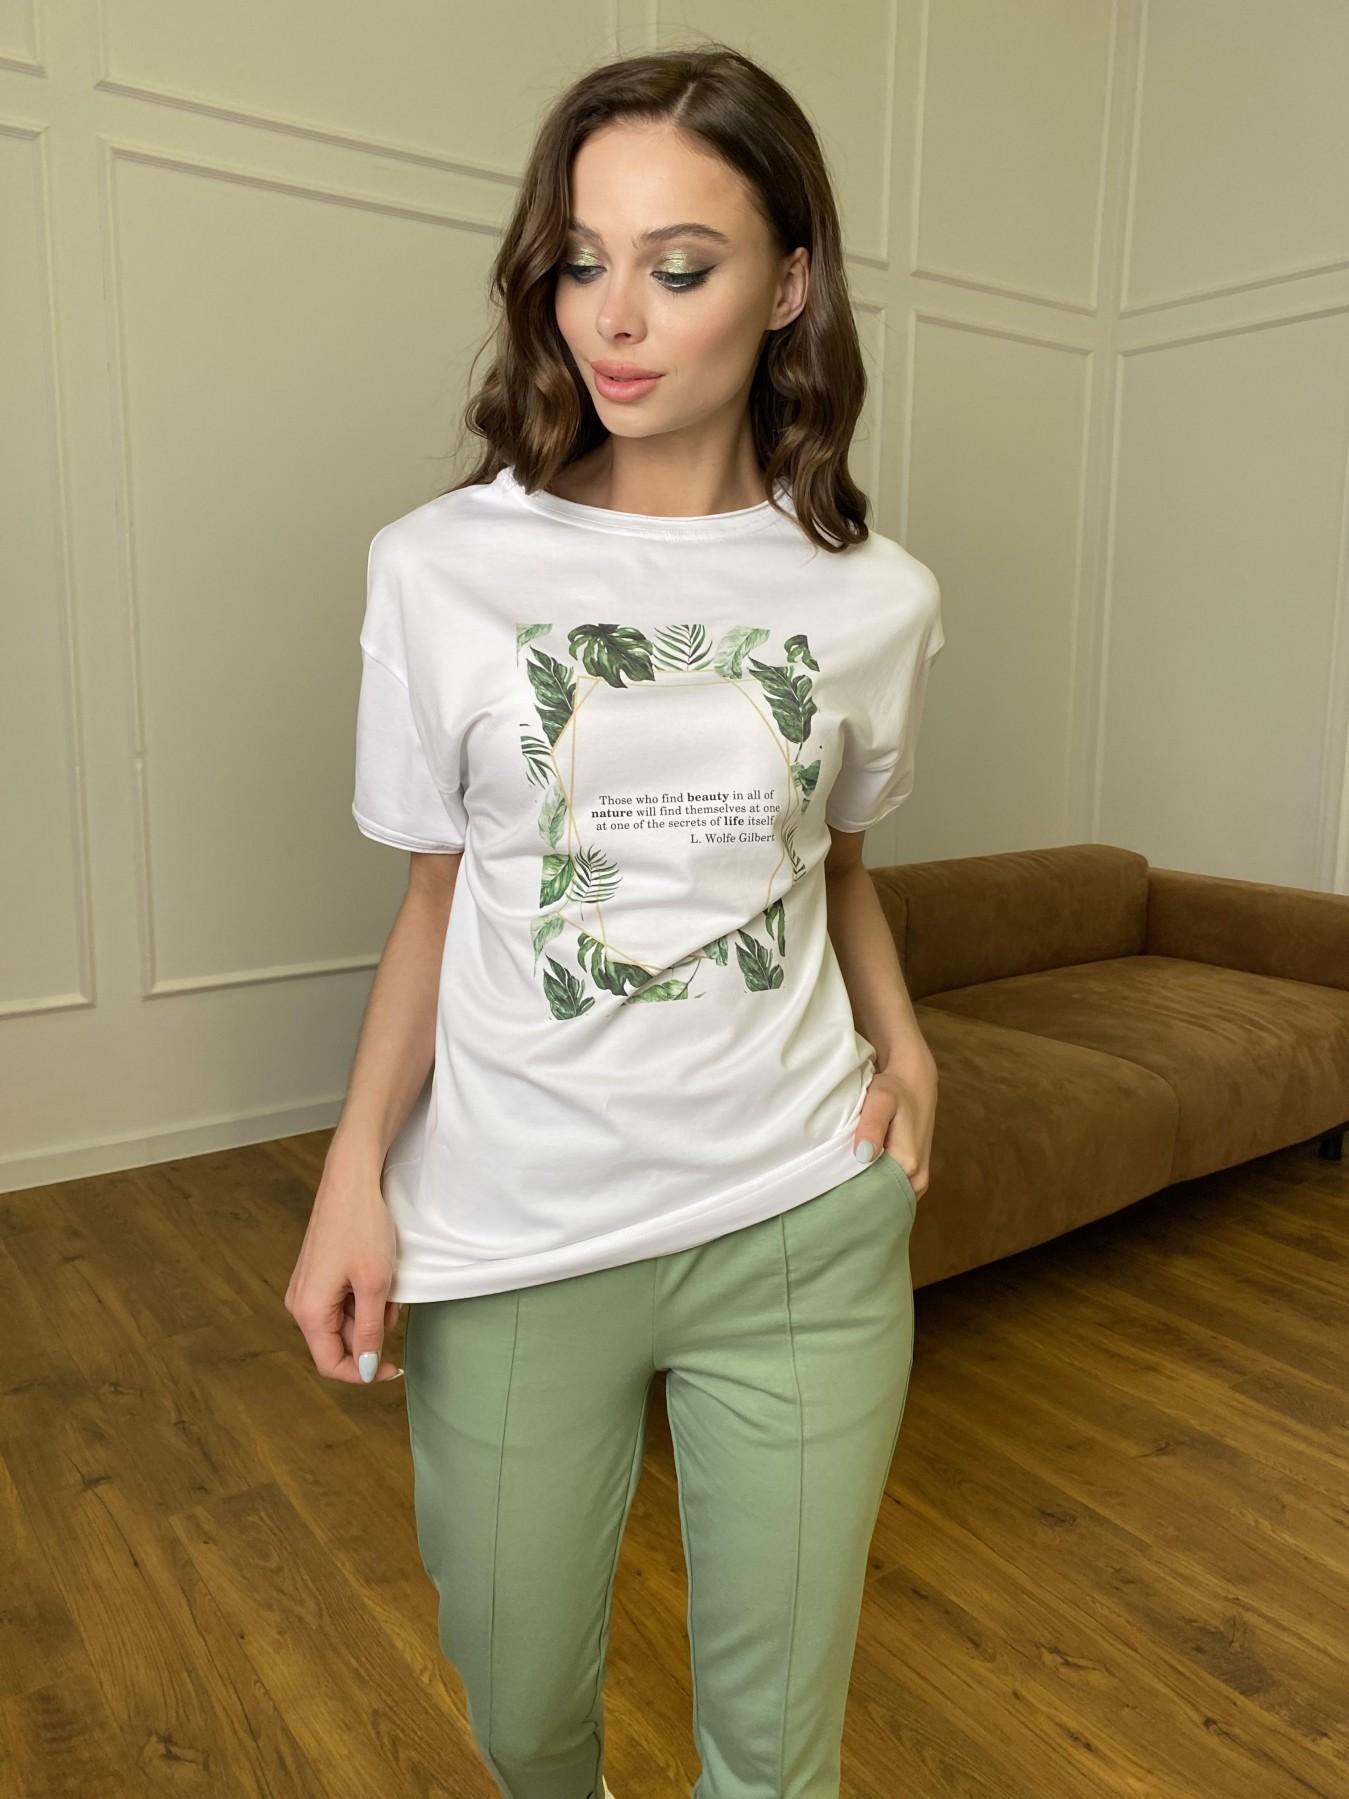 Тропик футболка из вискозы однотонная хлопок 11240 АРТ. 47761 Цвет: Белый - фото 3, интернет магазин tm-modus.ru